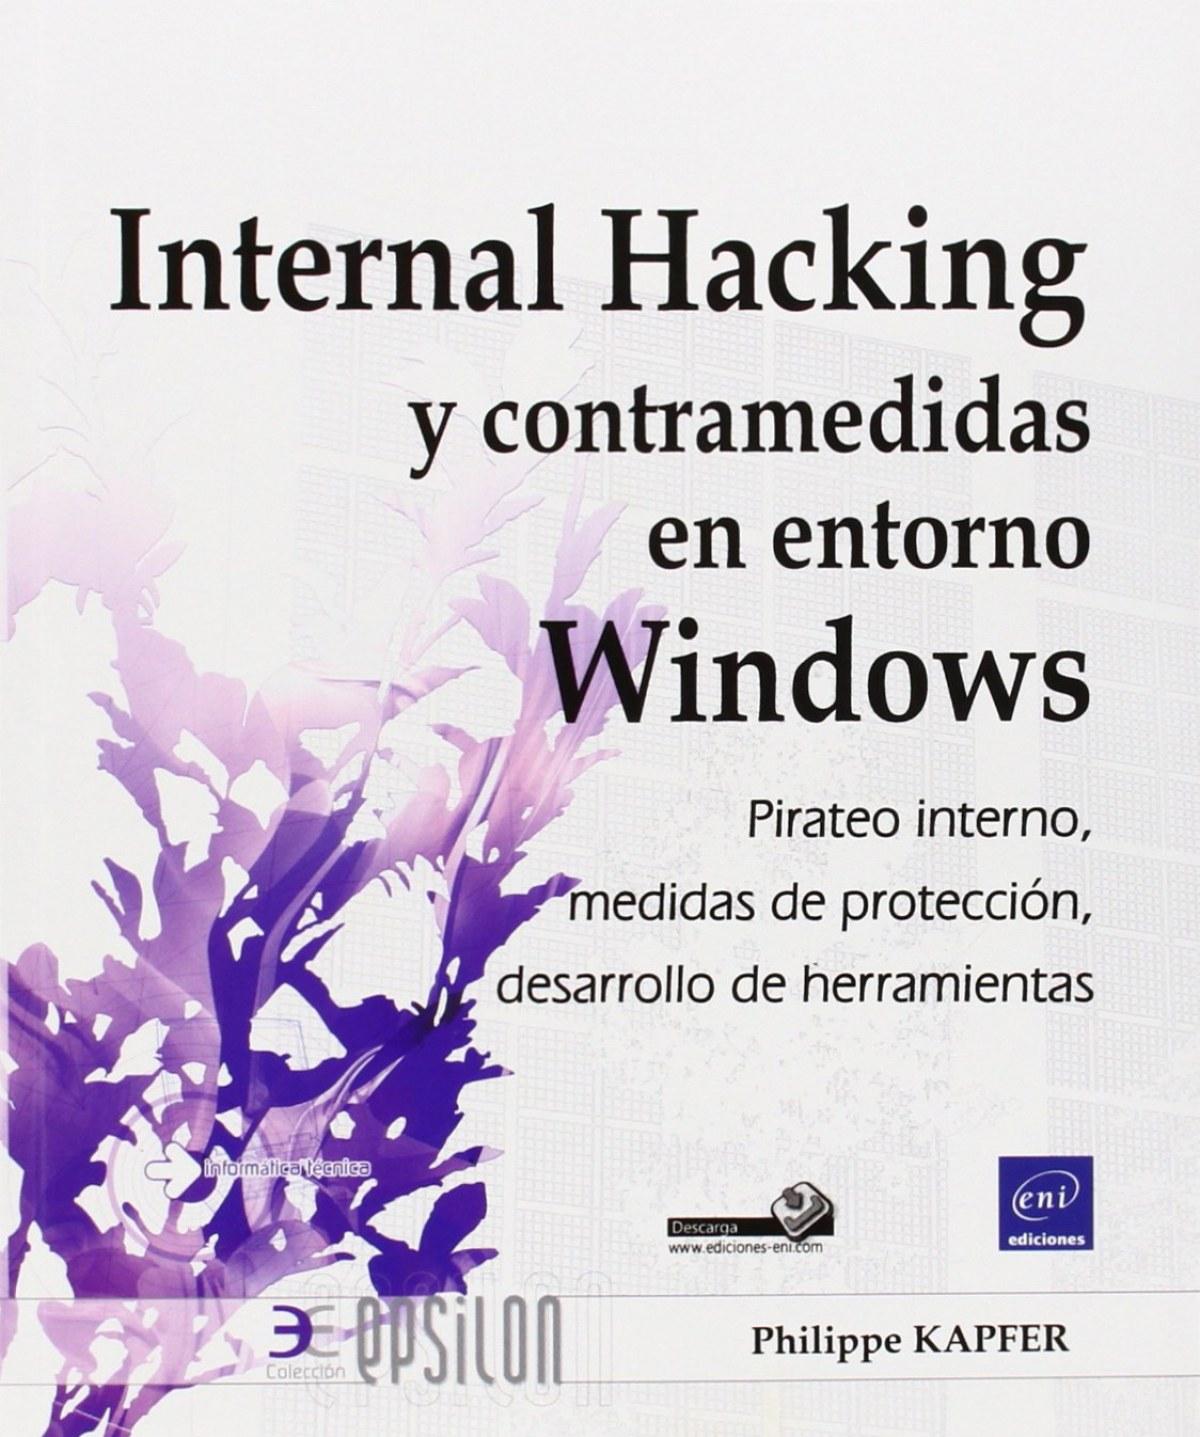 Epsilon Internal Hacking en entorno Windows